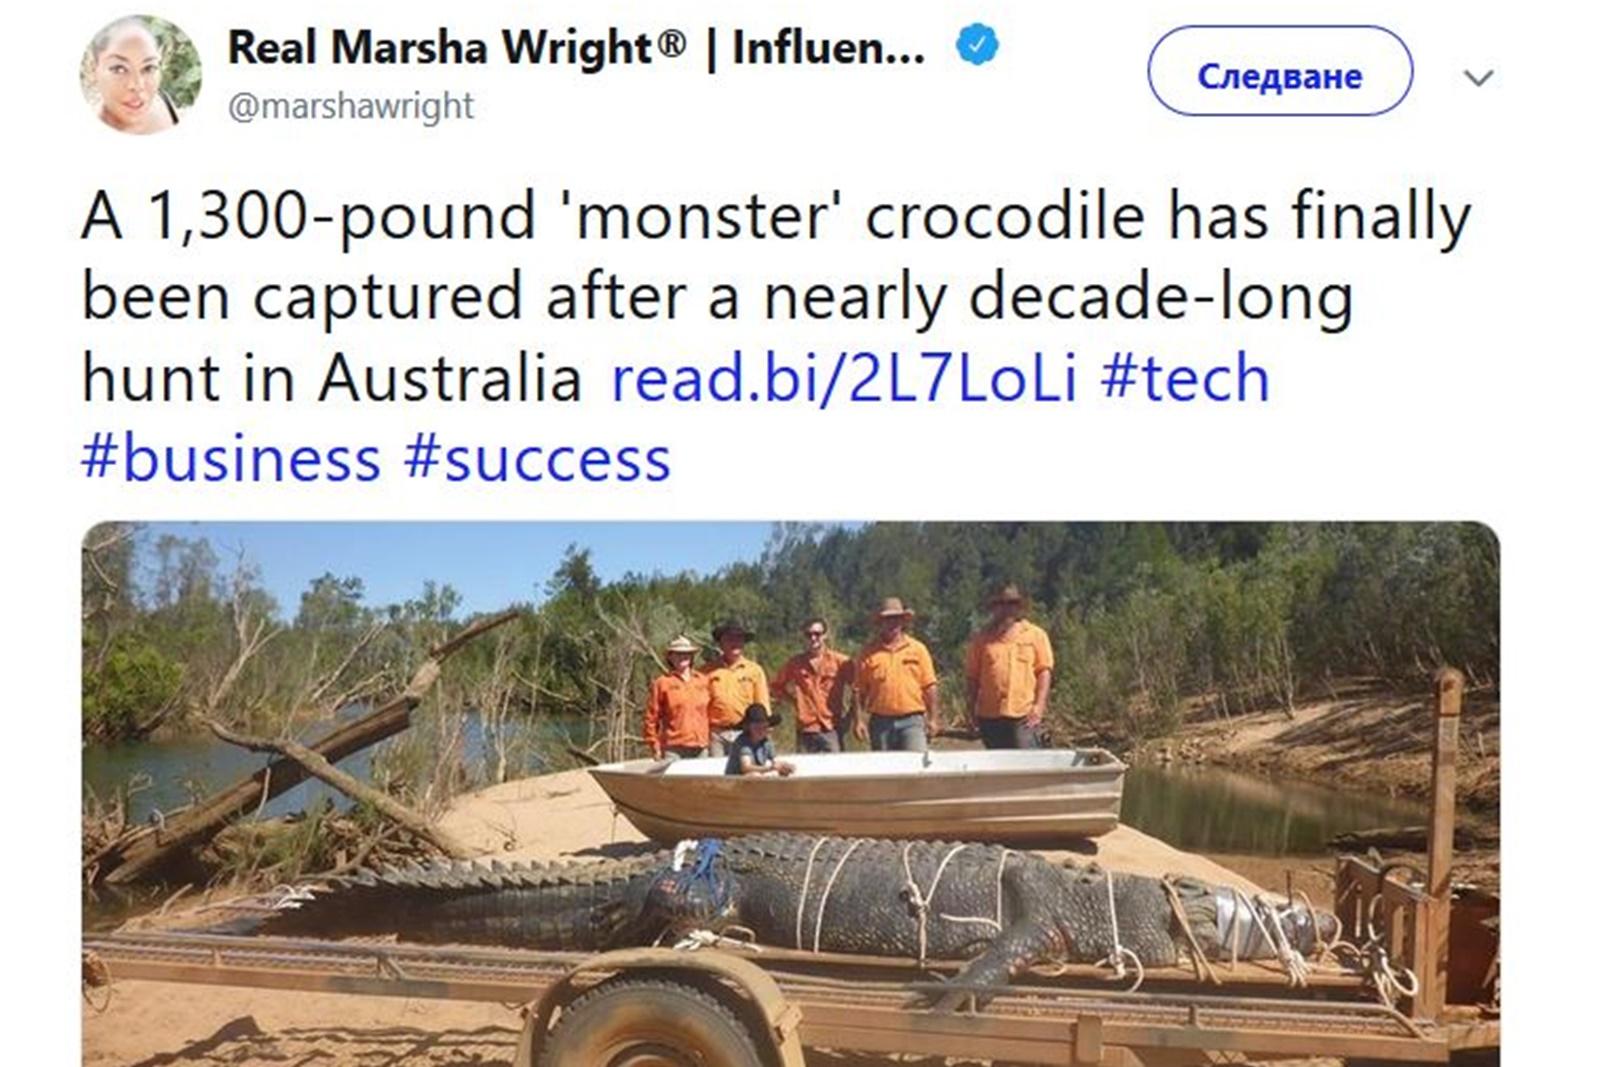 Големи крокодили<br /> Акулите не са единствените гигантски животни с голям брой остри зъби, на които може човек да се натъкне на този континент. Соленоводните крокодили, живеещи в Австралия, се славят като най-големите от всички видове по света. И ако си мислите, че щом човек може да улови акула с дължина 6,6 м, един крокодил не би бил труден за пленяване – то не сте чули за австралийският крокодил с дължина 4,7 м и тегло от 600 кг, който успява да се измъкне от ръцете на ловците повече от едно десетилетие, докато накрая не бъде заловен.